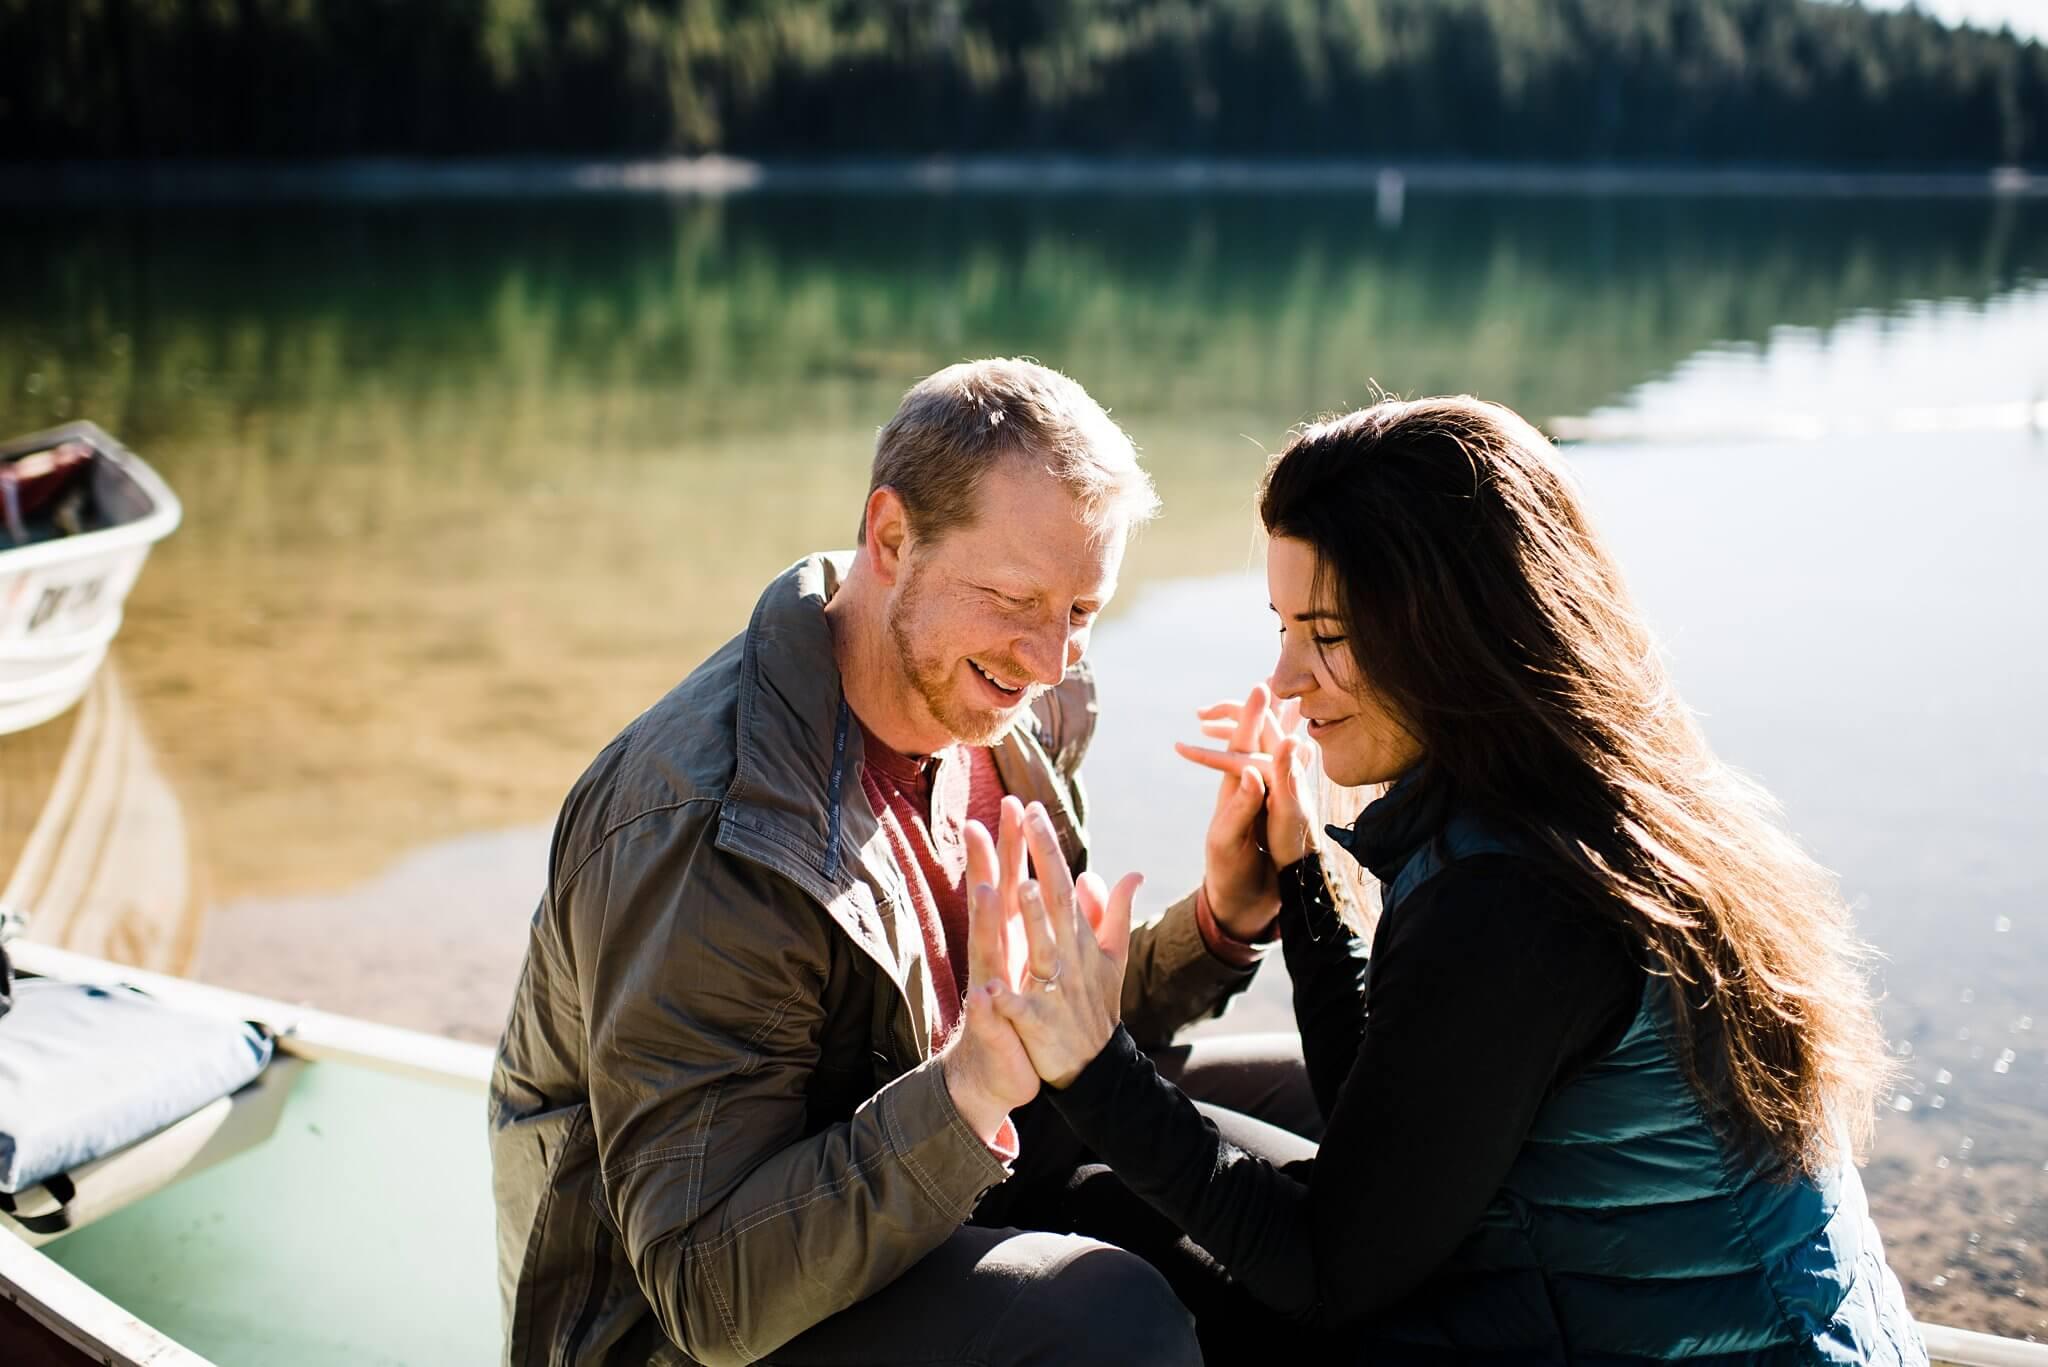 Canoe-Lake-Adventure-Engagement-Session-Oregon-Lemolo-S-Photography_0019.jpg